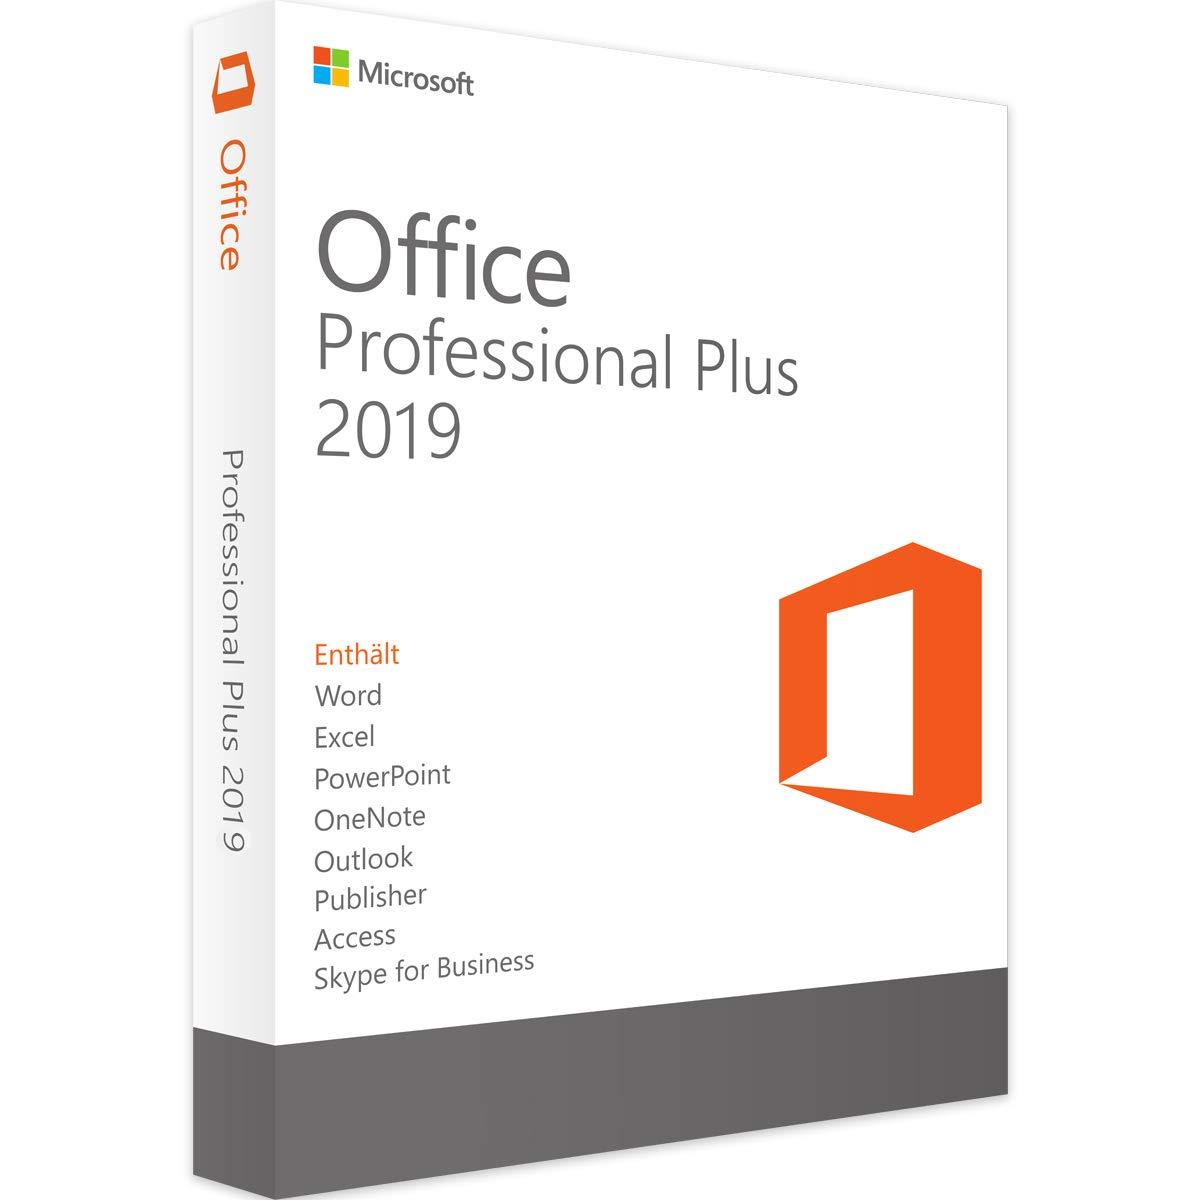 مجموعه نرم افزاری مایکروسافت Office Professional Plus نسخه 2019